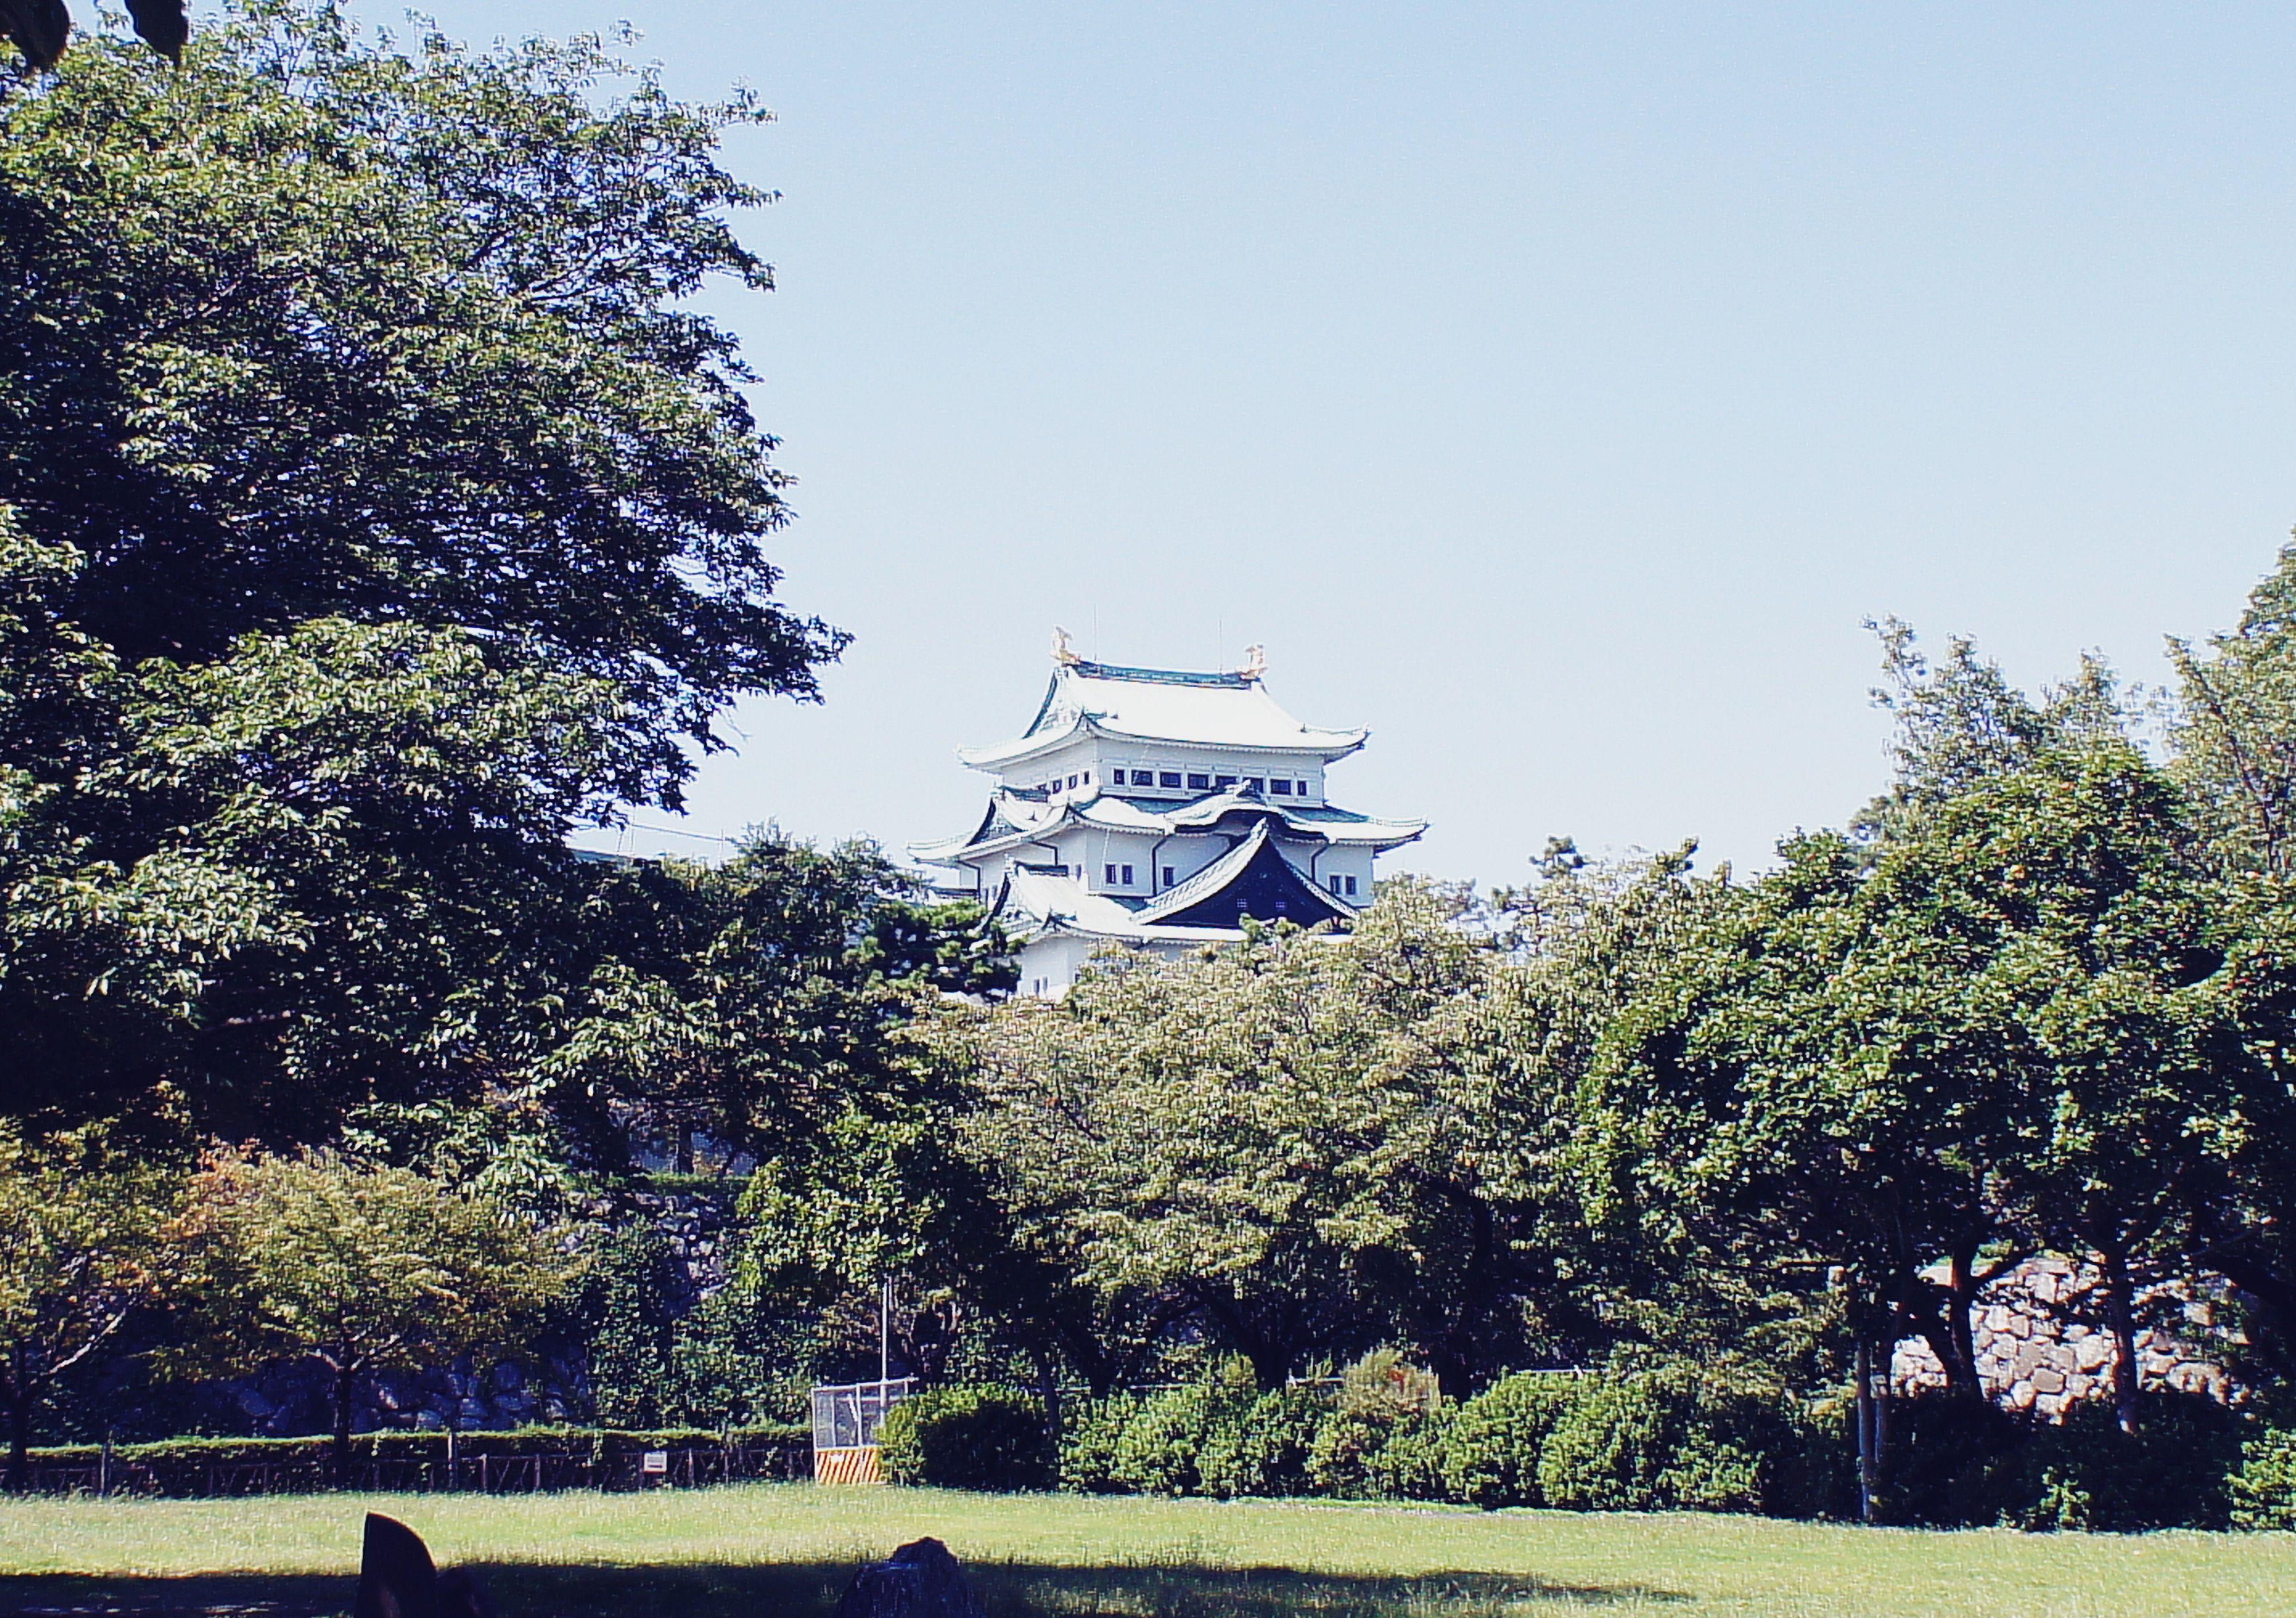 #japan #nagoya #nagoya_castle